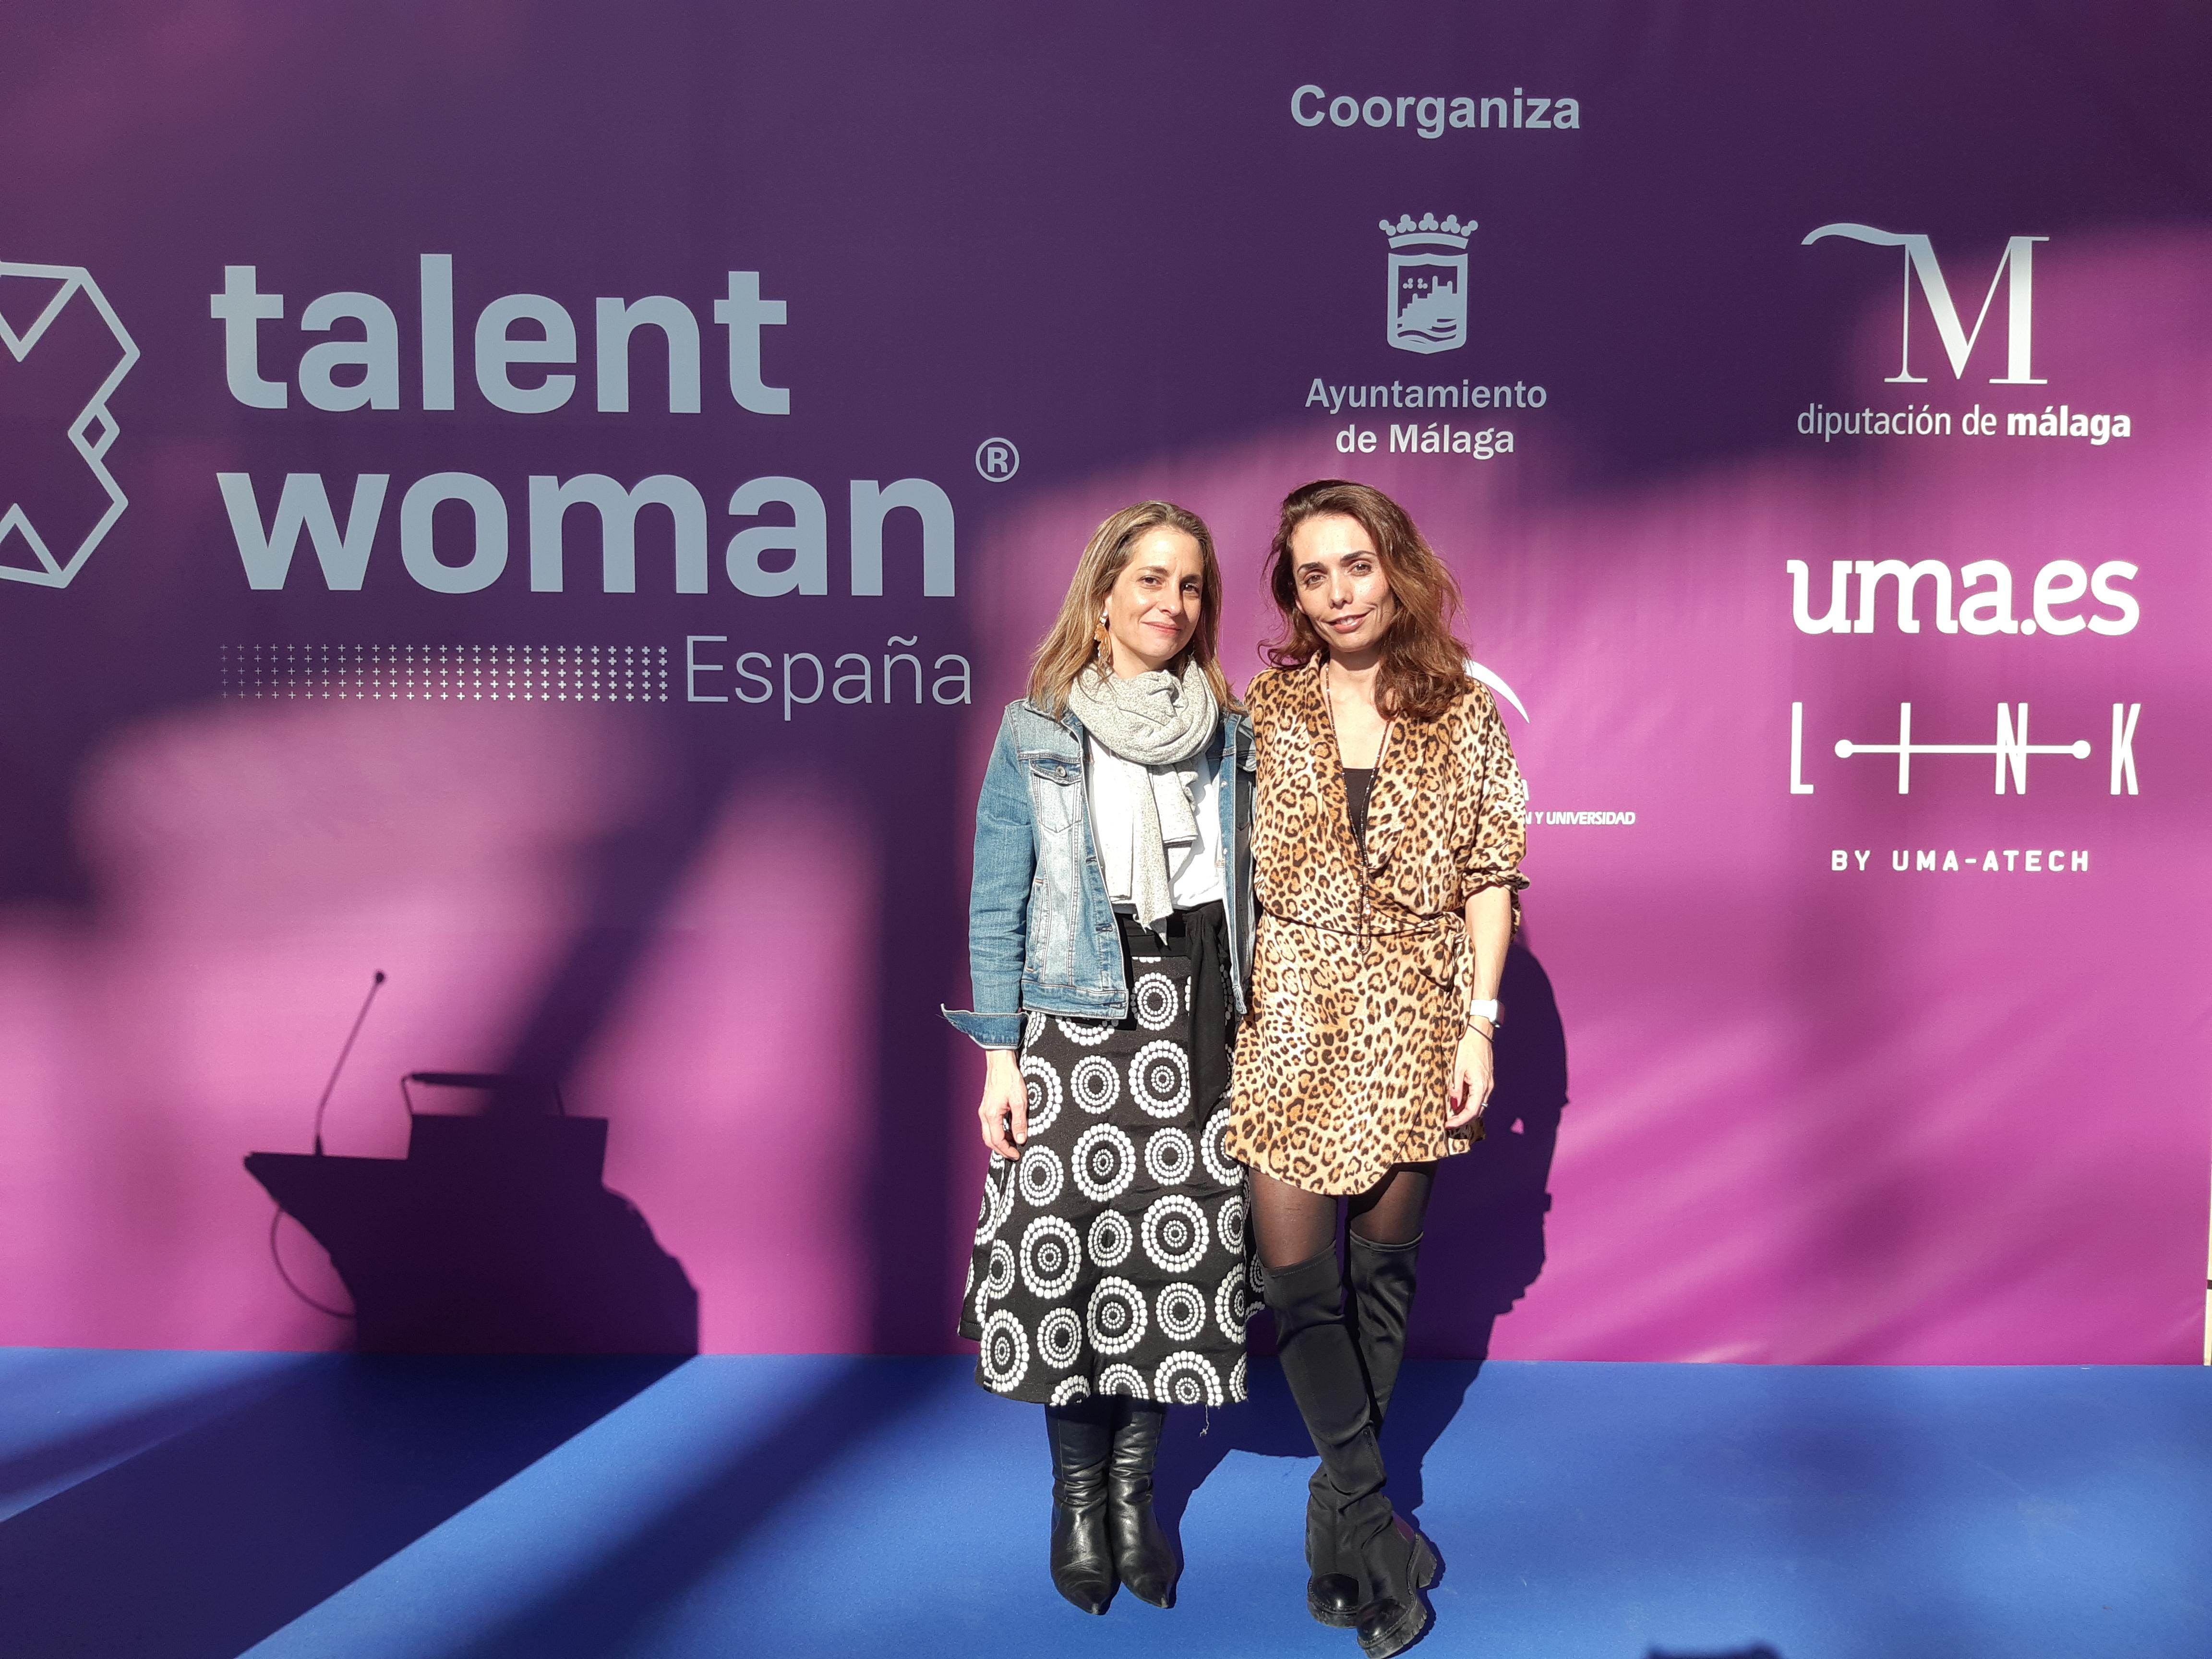 Woman talent